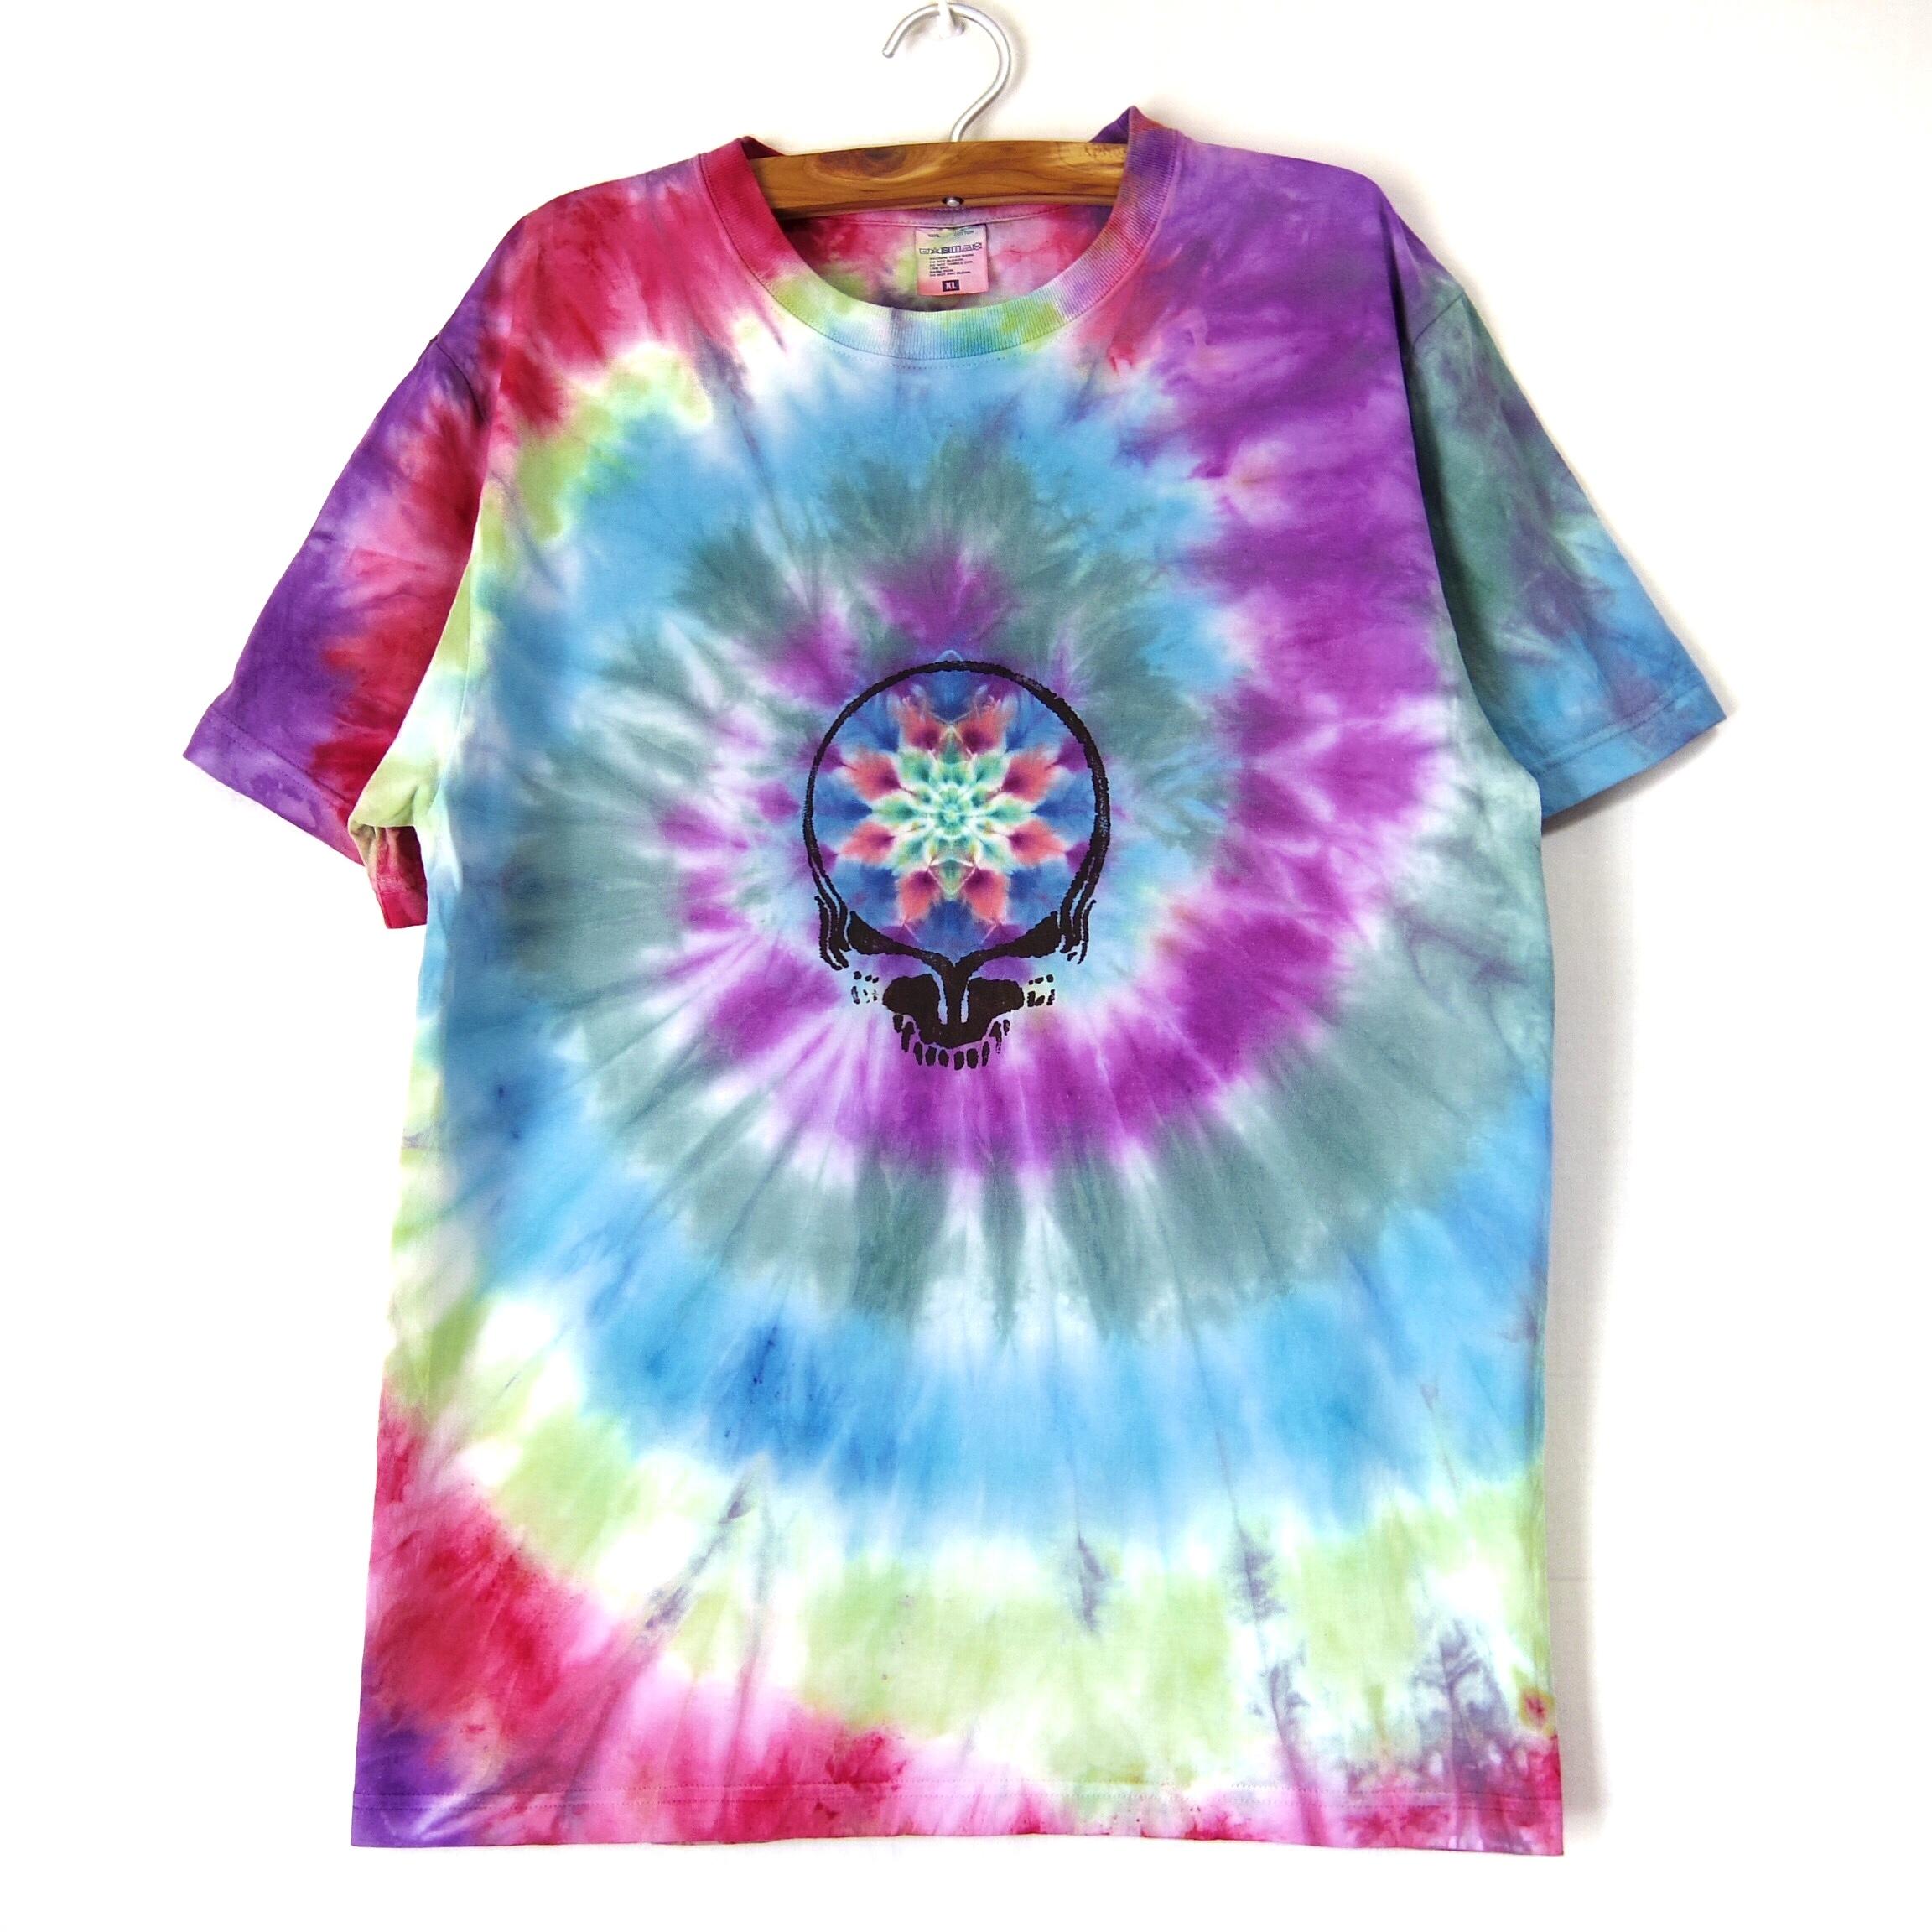 TKHOMEFACTORY × GREATFUL DEAD  Mandala×spiral tiedye T-shirt  XL